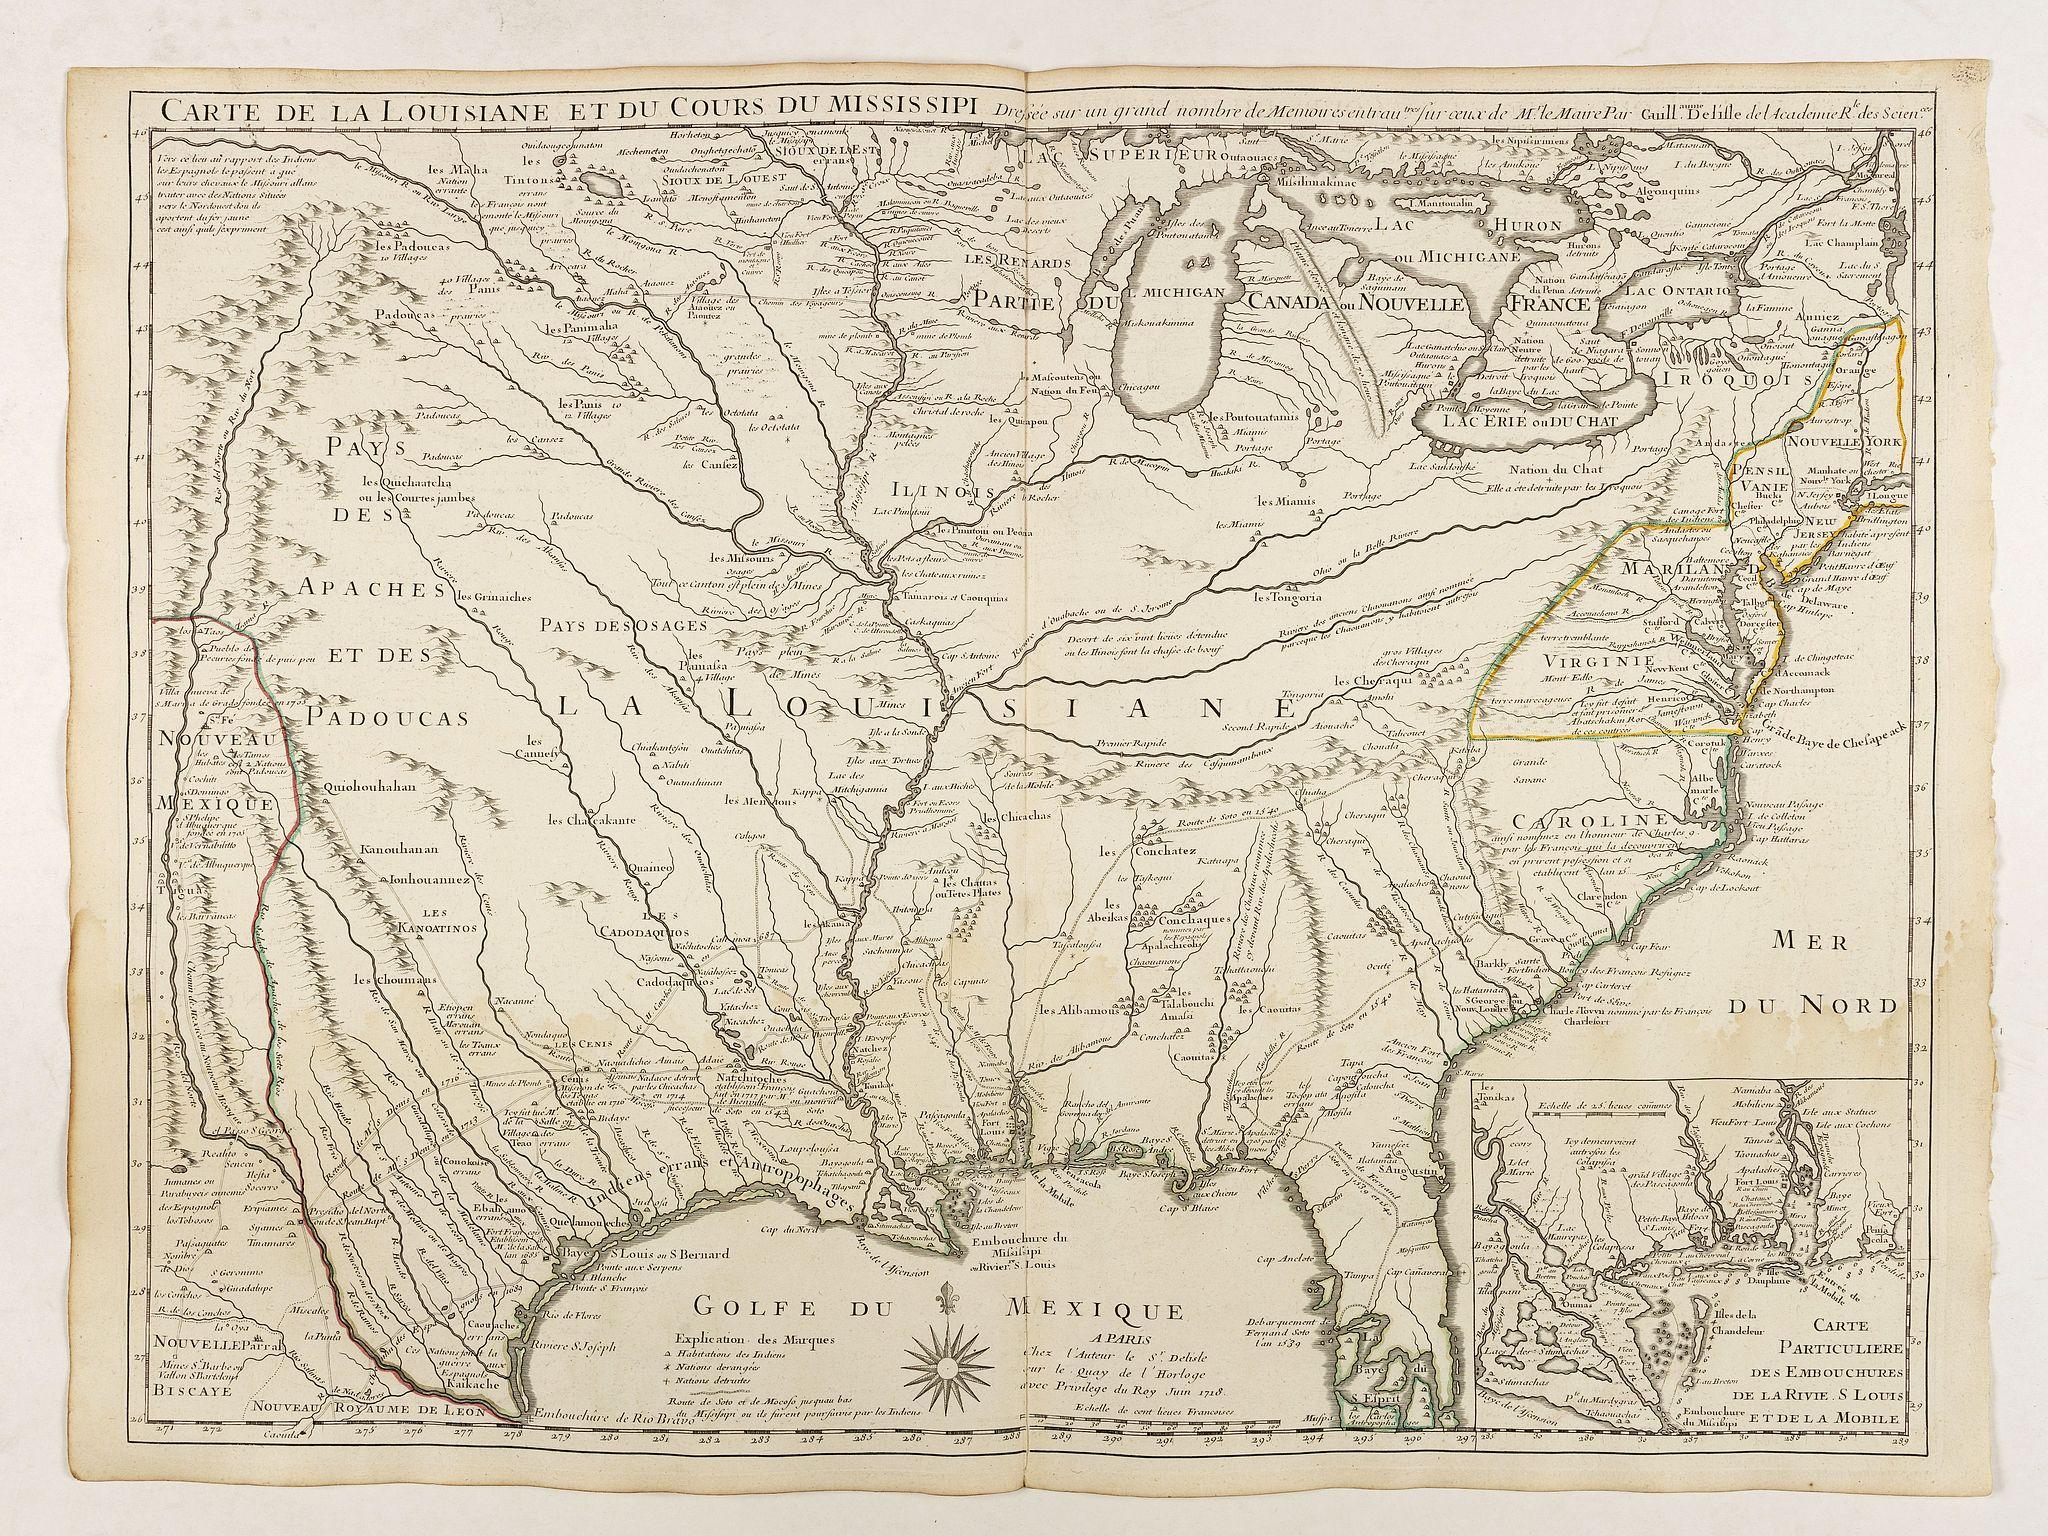 De L'ISLE, G. -  Carte de la Louisiane et du cours du Mississipi.